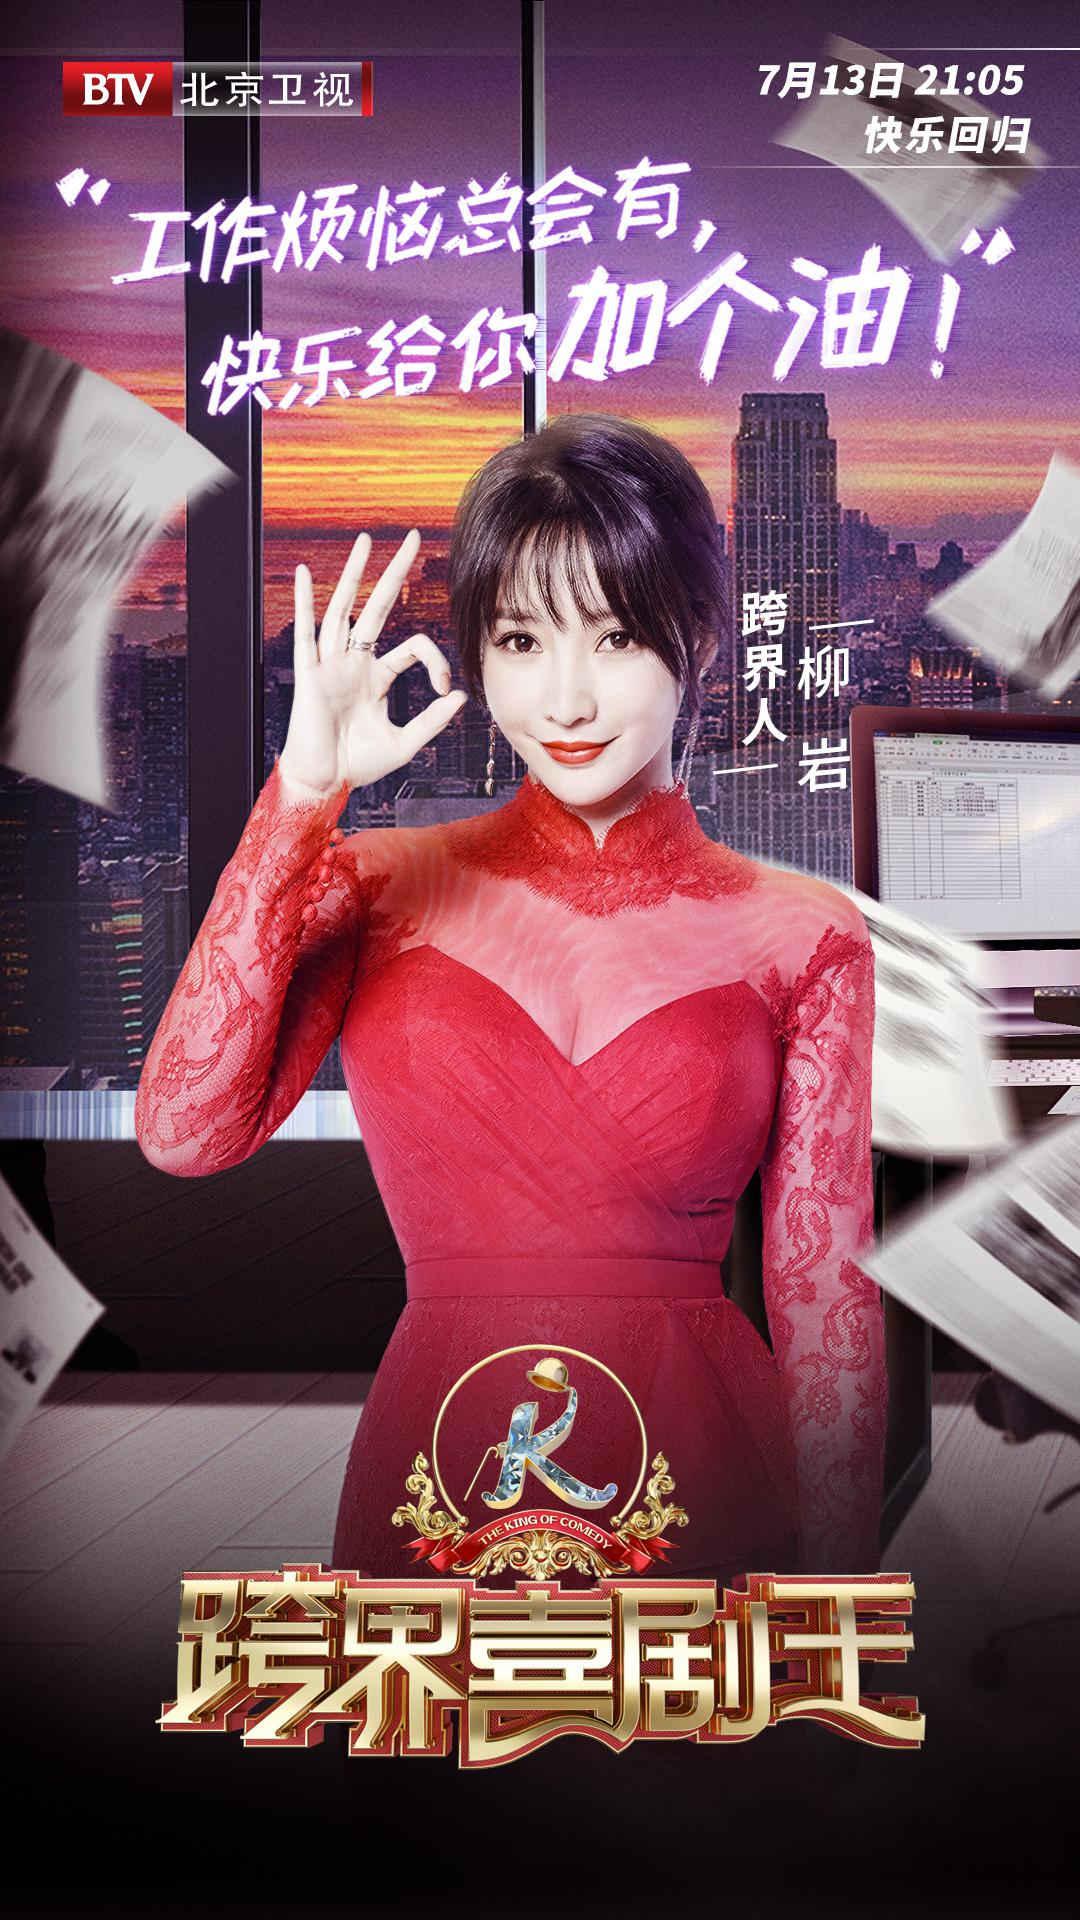 柳岩新综艺海报写真曝光,身着性感透视红裙事业线很迷人!_北京